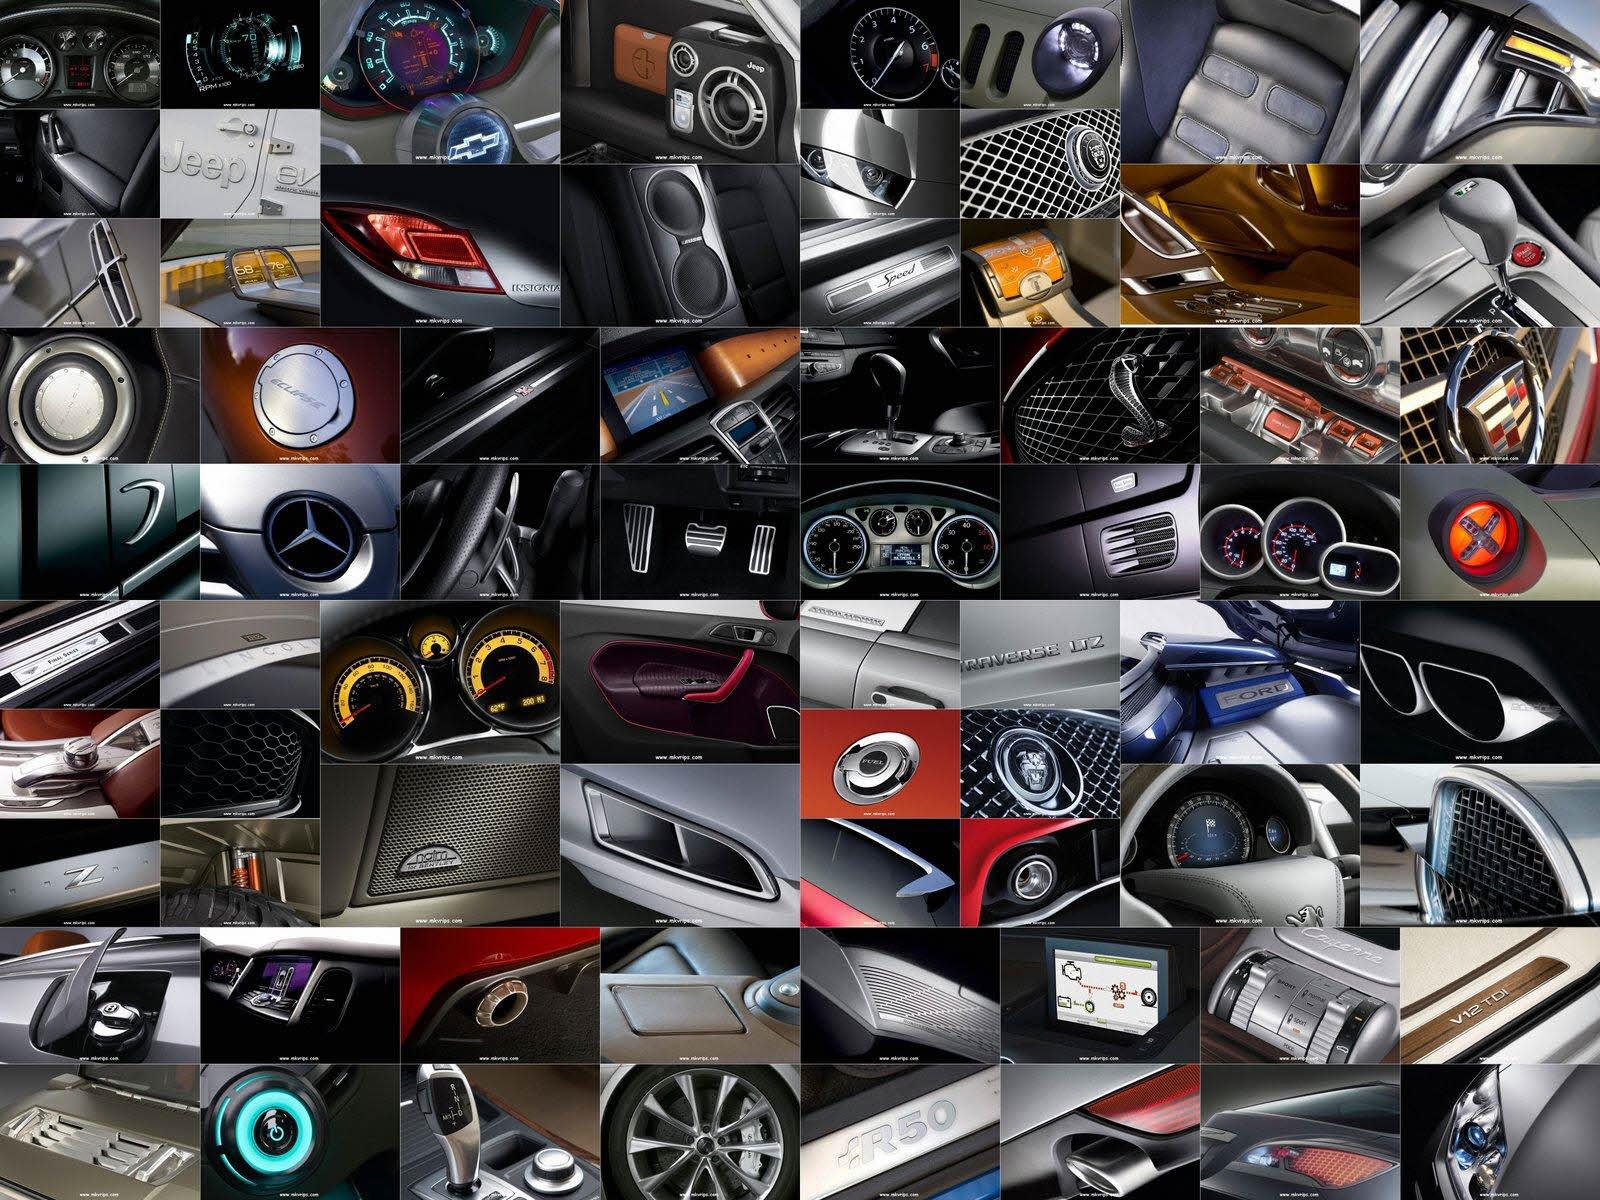 PROF обзор: автомобильные аксессуары-